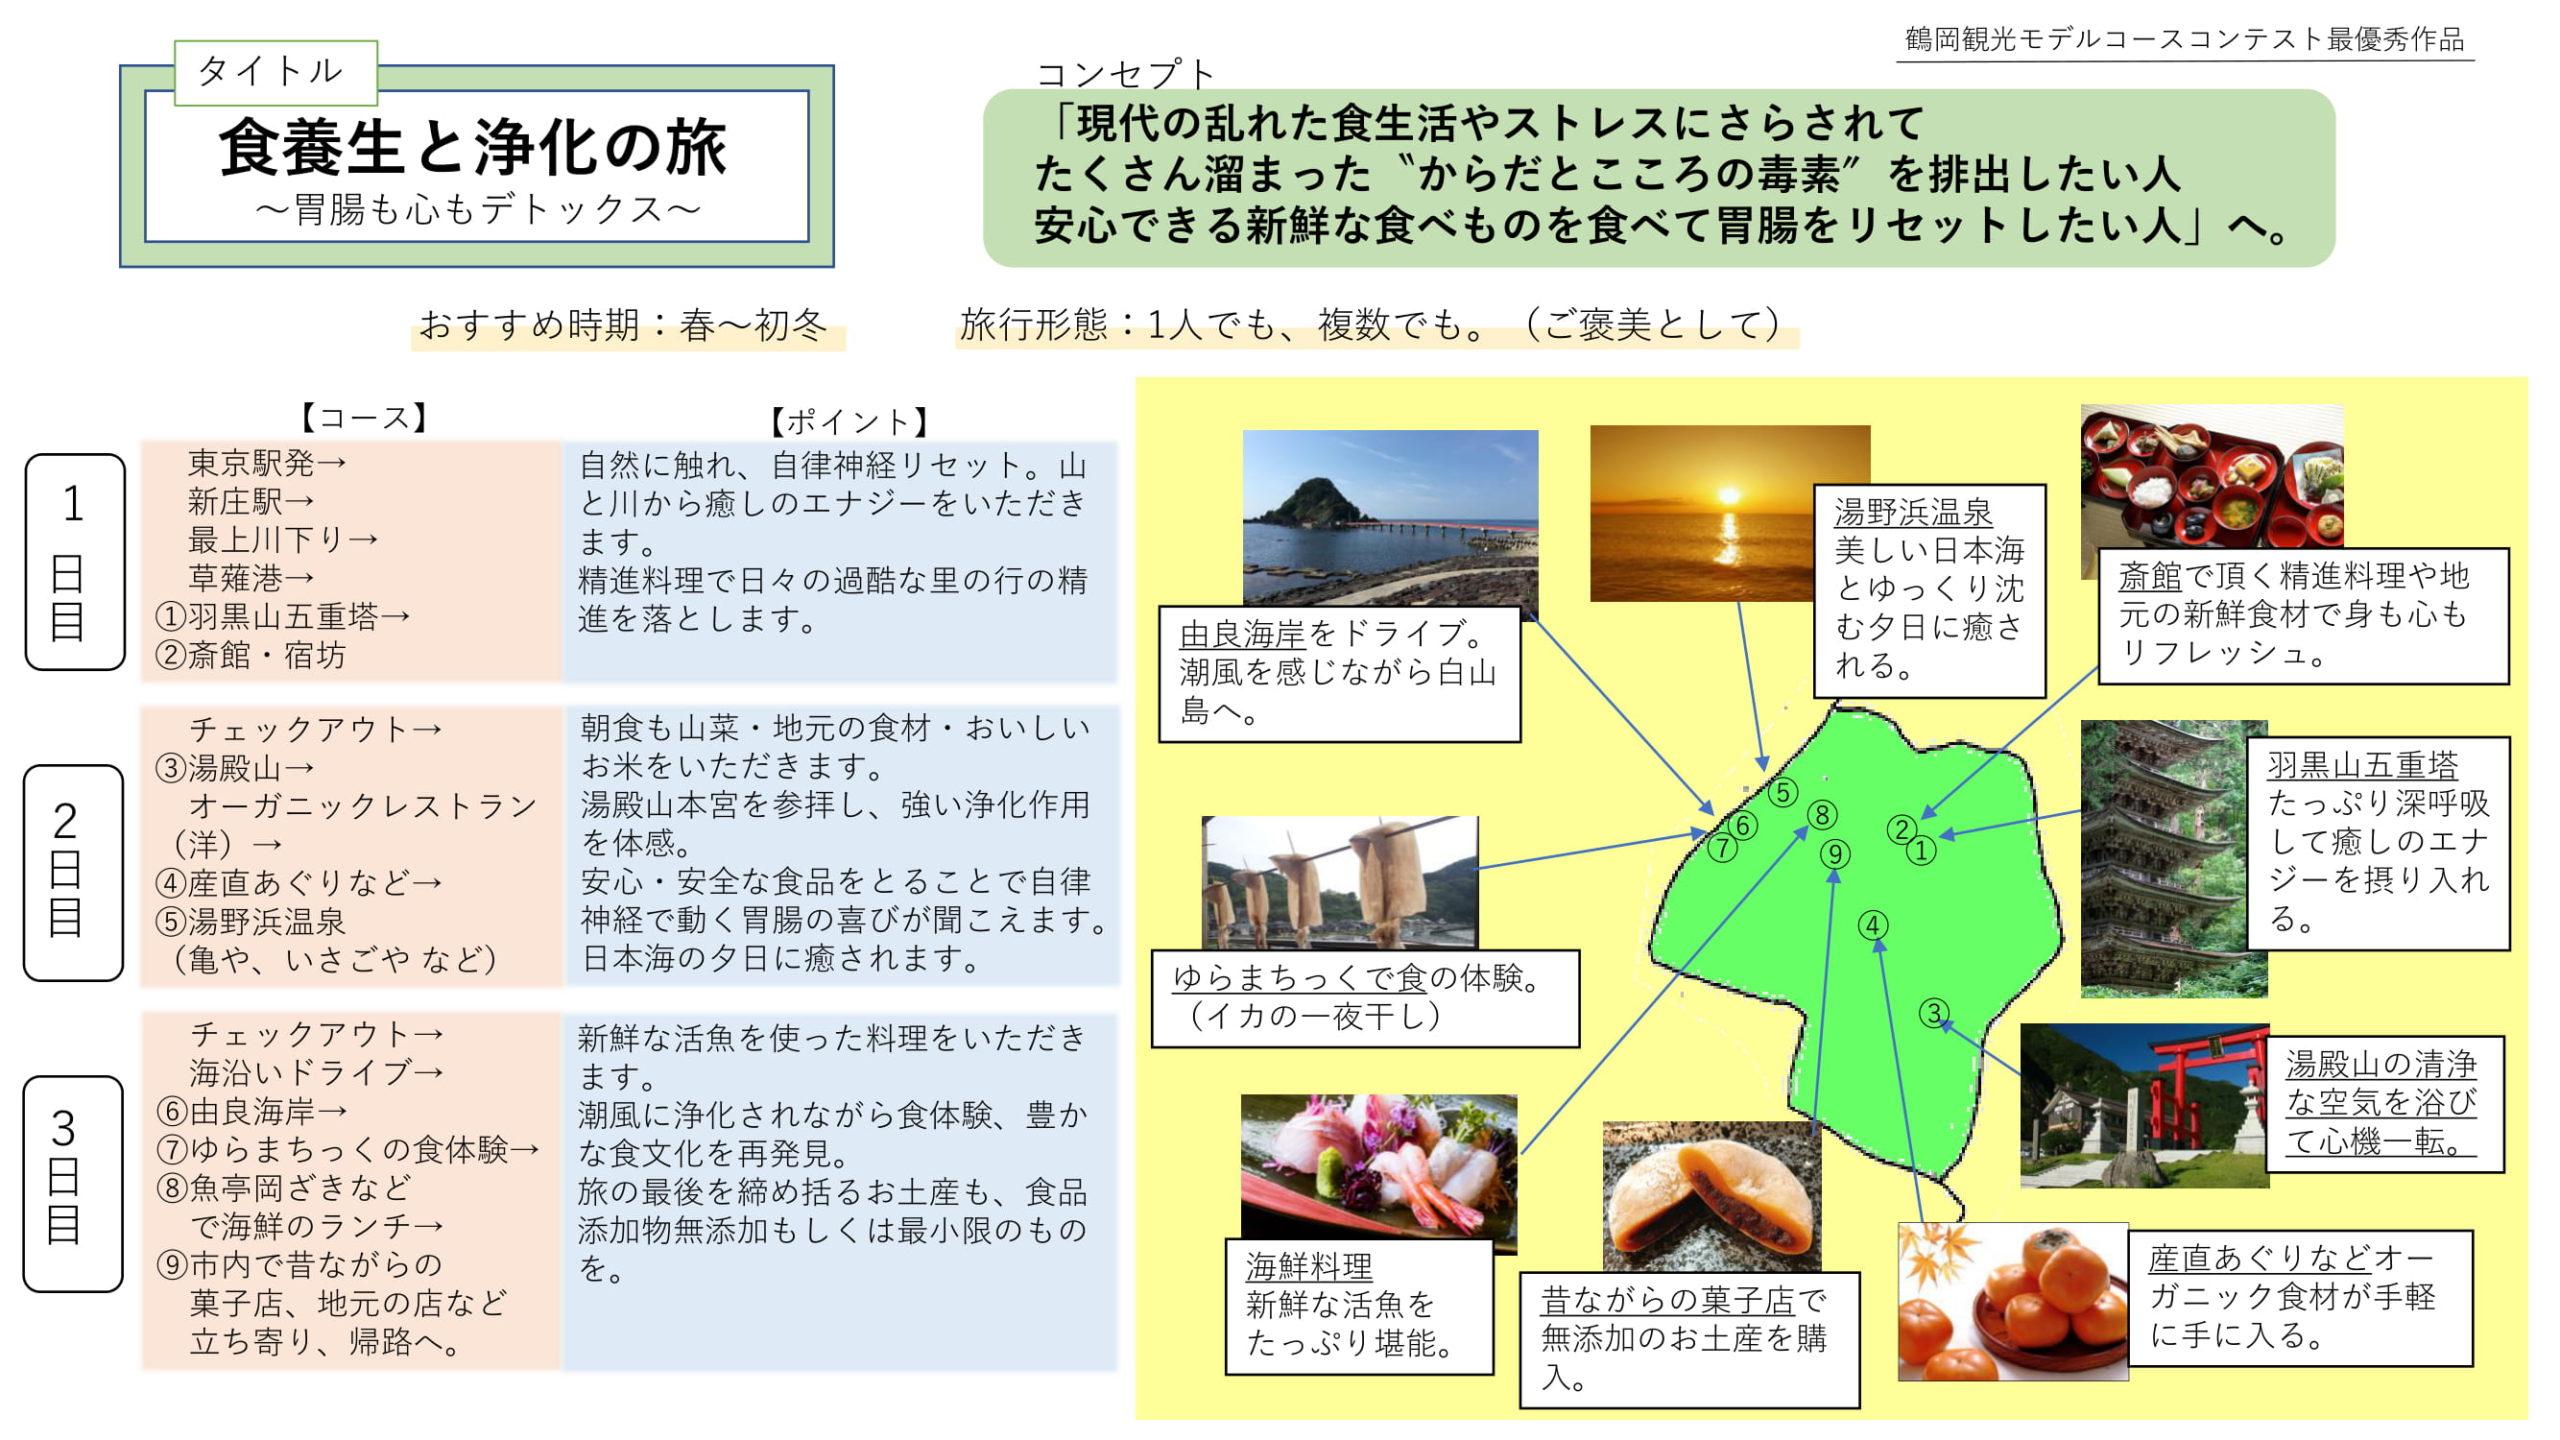 河川 所 酒田 ライブ カメラ 国道 事務